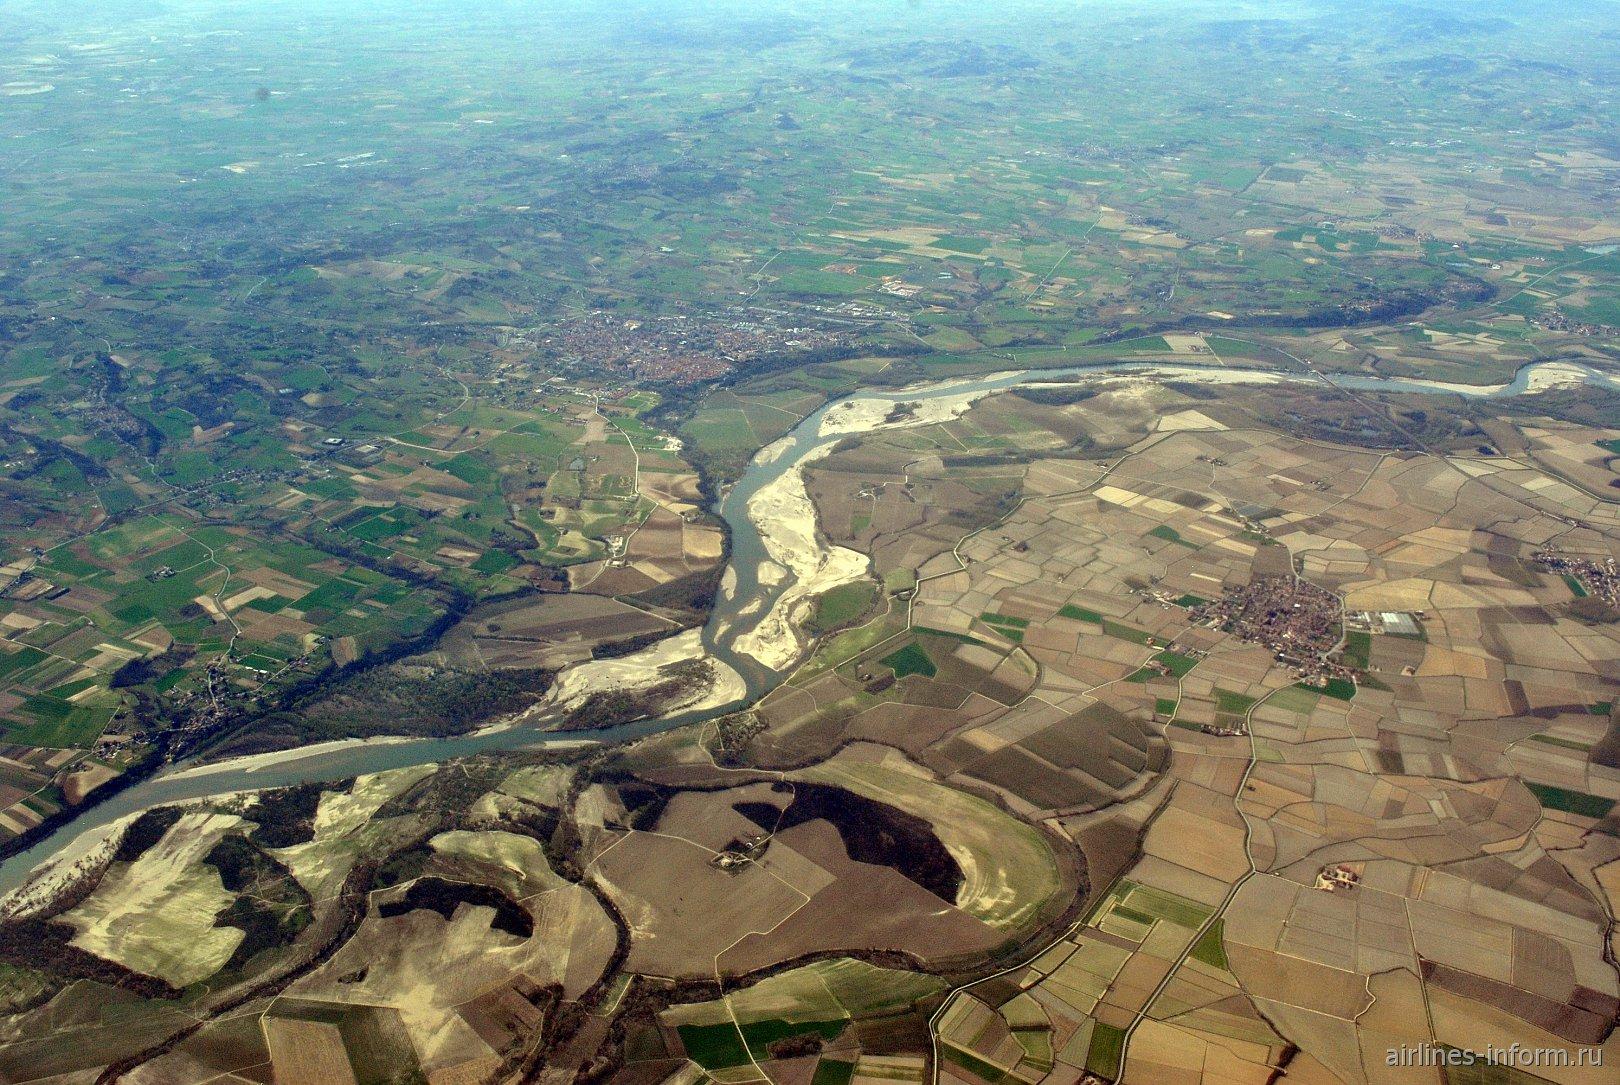 Река По, разделяющая Пьемонт и Ломбардию, близ города Валенца